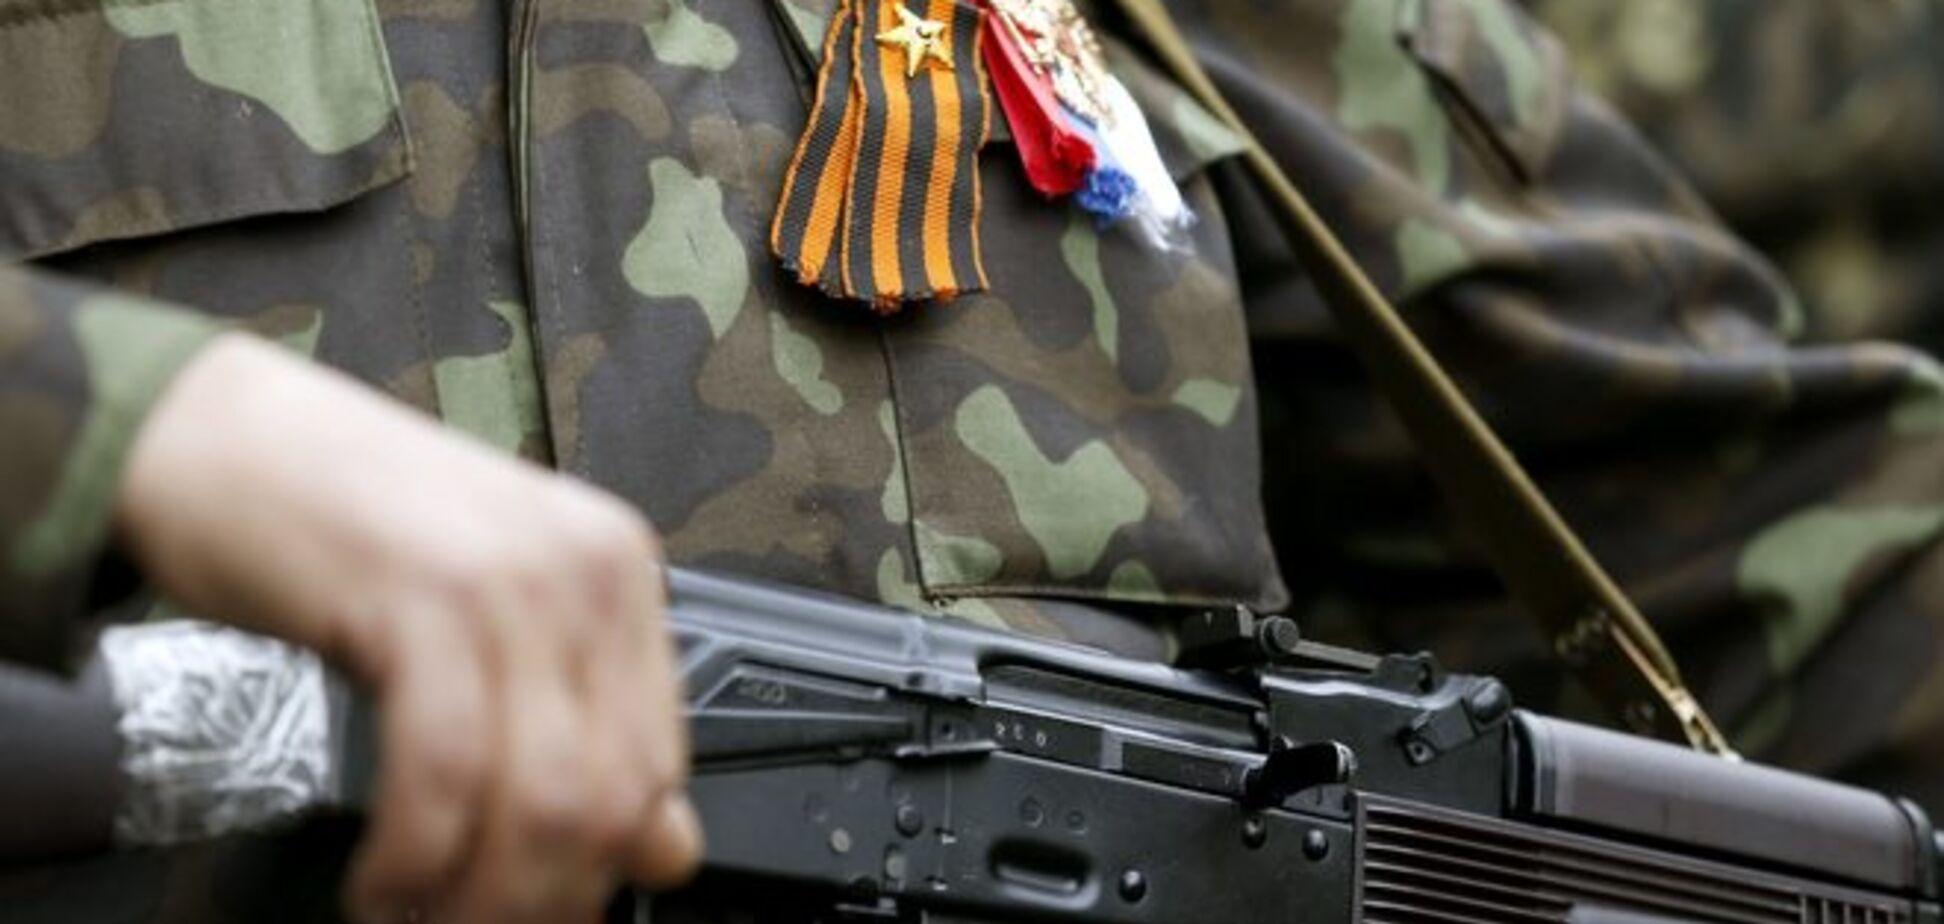 Террористы показали свое истинное лицо: в течение всей ночи велся обстрел позиций сил АТО - Селезнев